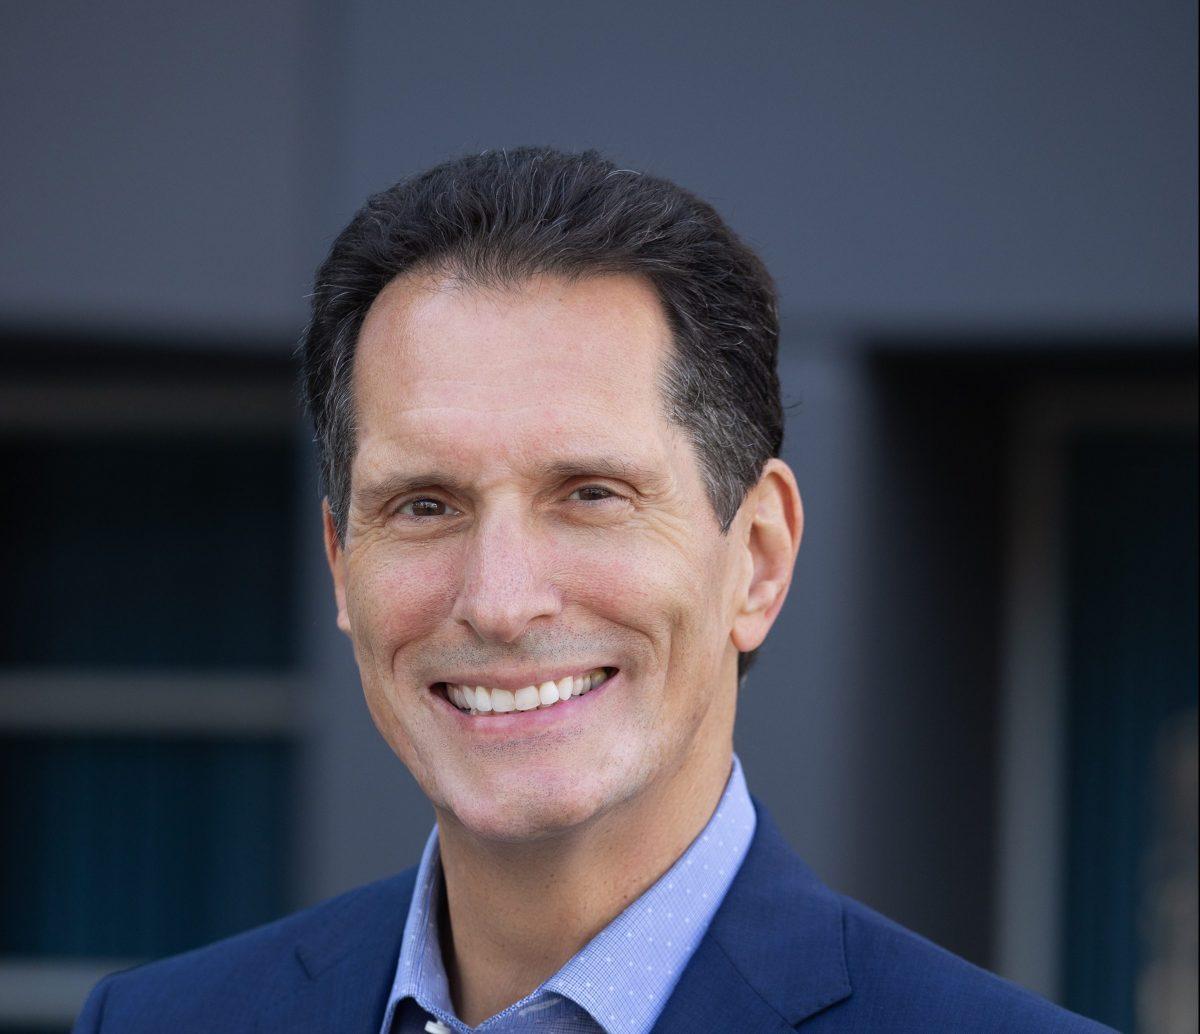 Dave Coffaro